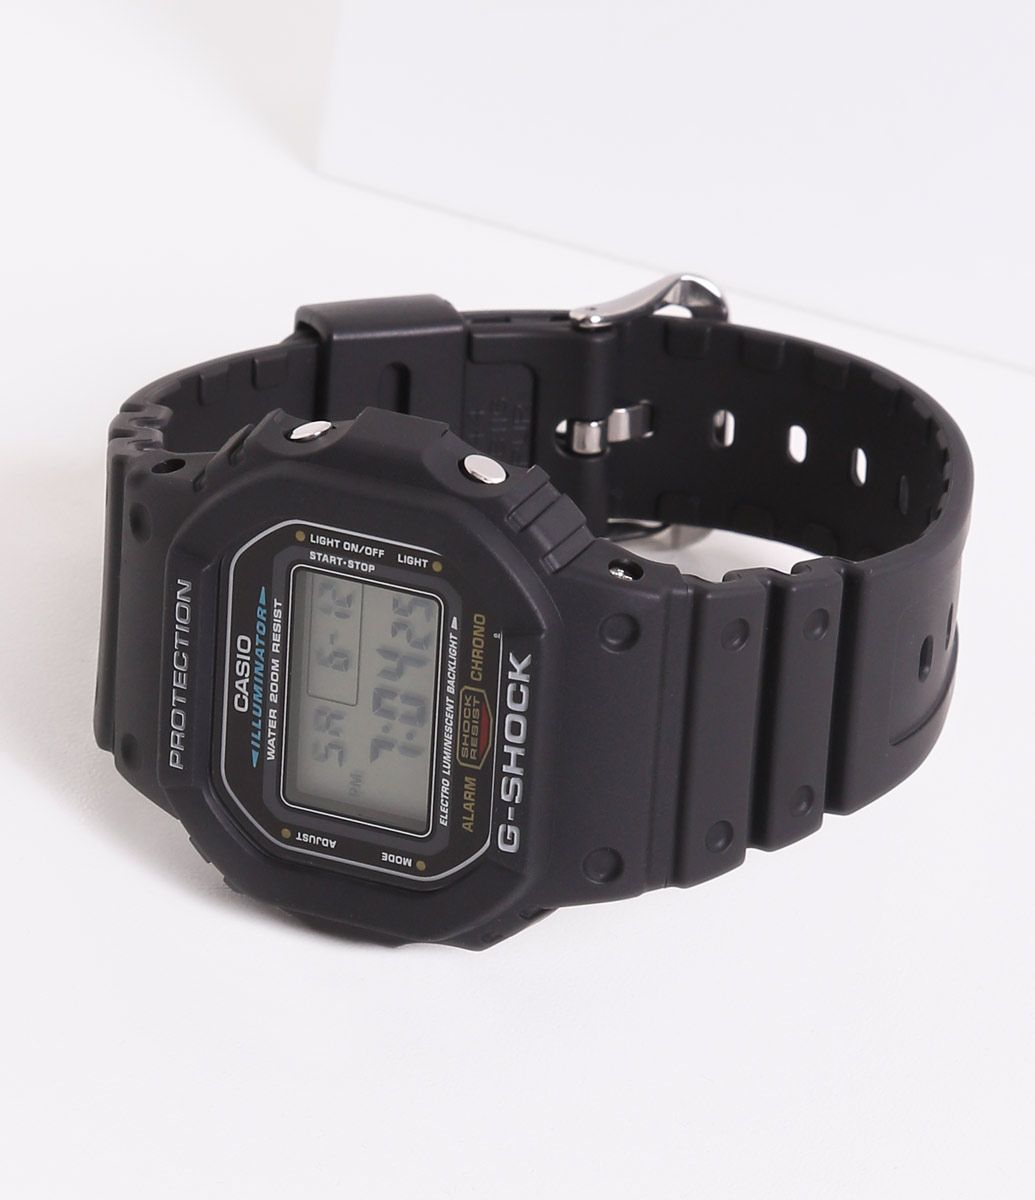 73195a6bcd8 Relógio Masculino G-Shock Casio DW 5600E 1VDF Digital Calendário 20 ...